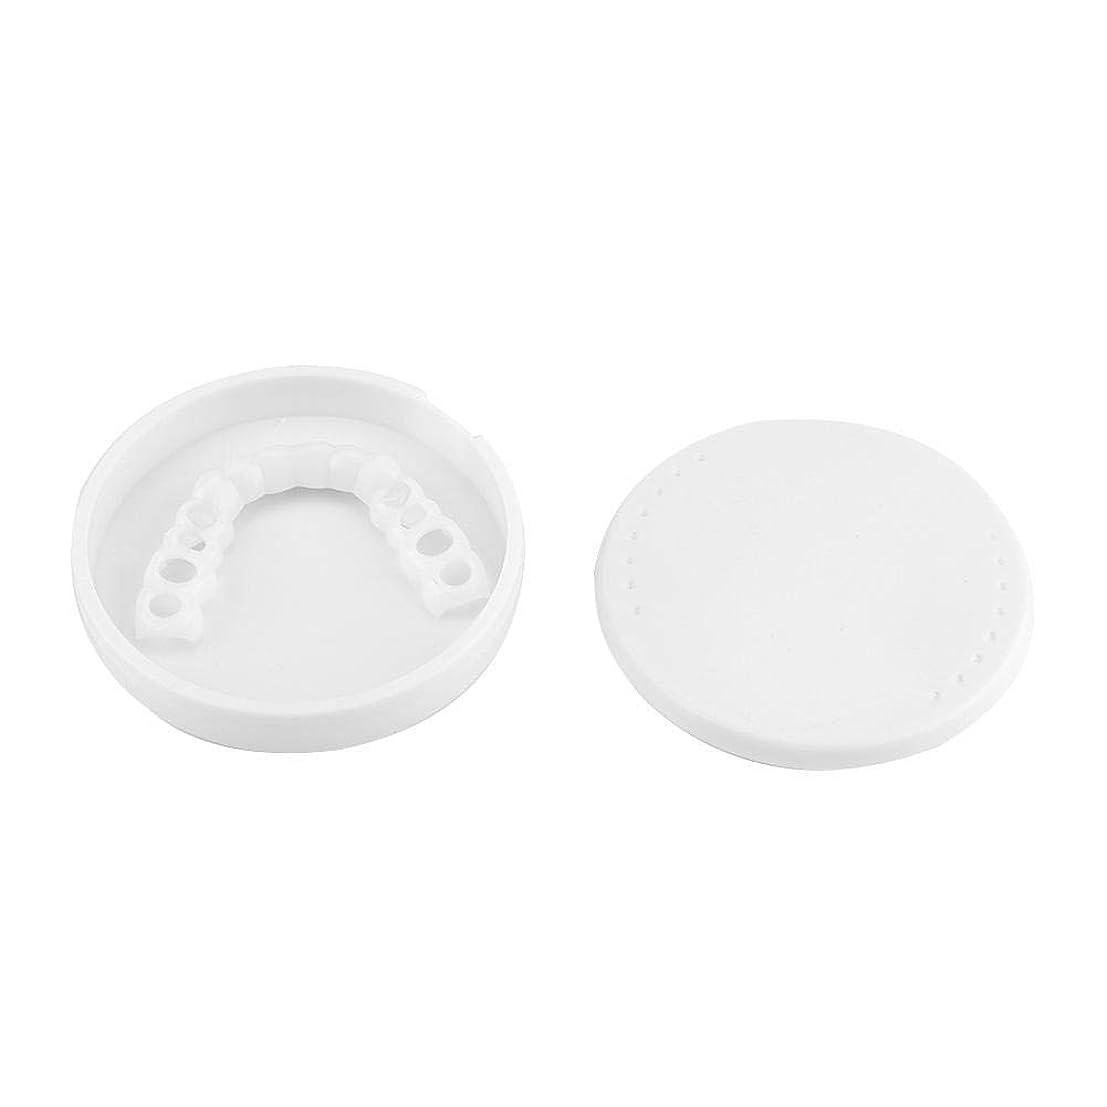 レルムカーテン上がるSalinr インスタント 完璧なベニヤの歯スナップキャップを白く 一時的な化粧品歯義 歯化粧品シミュレーション 白くする歯カバー フィットフレックス歯ベニア上の歯+下歯のセット